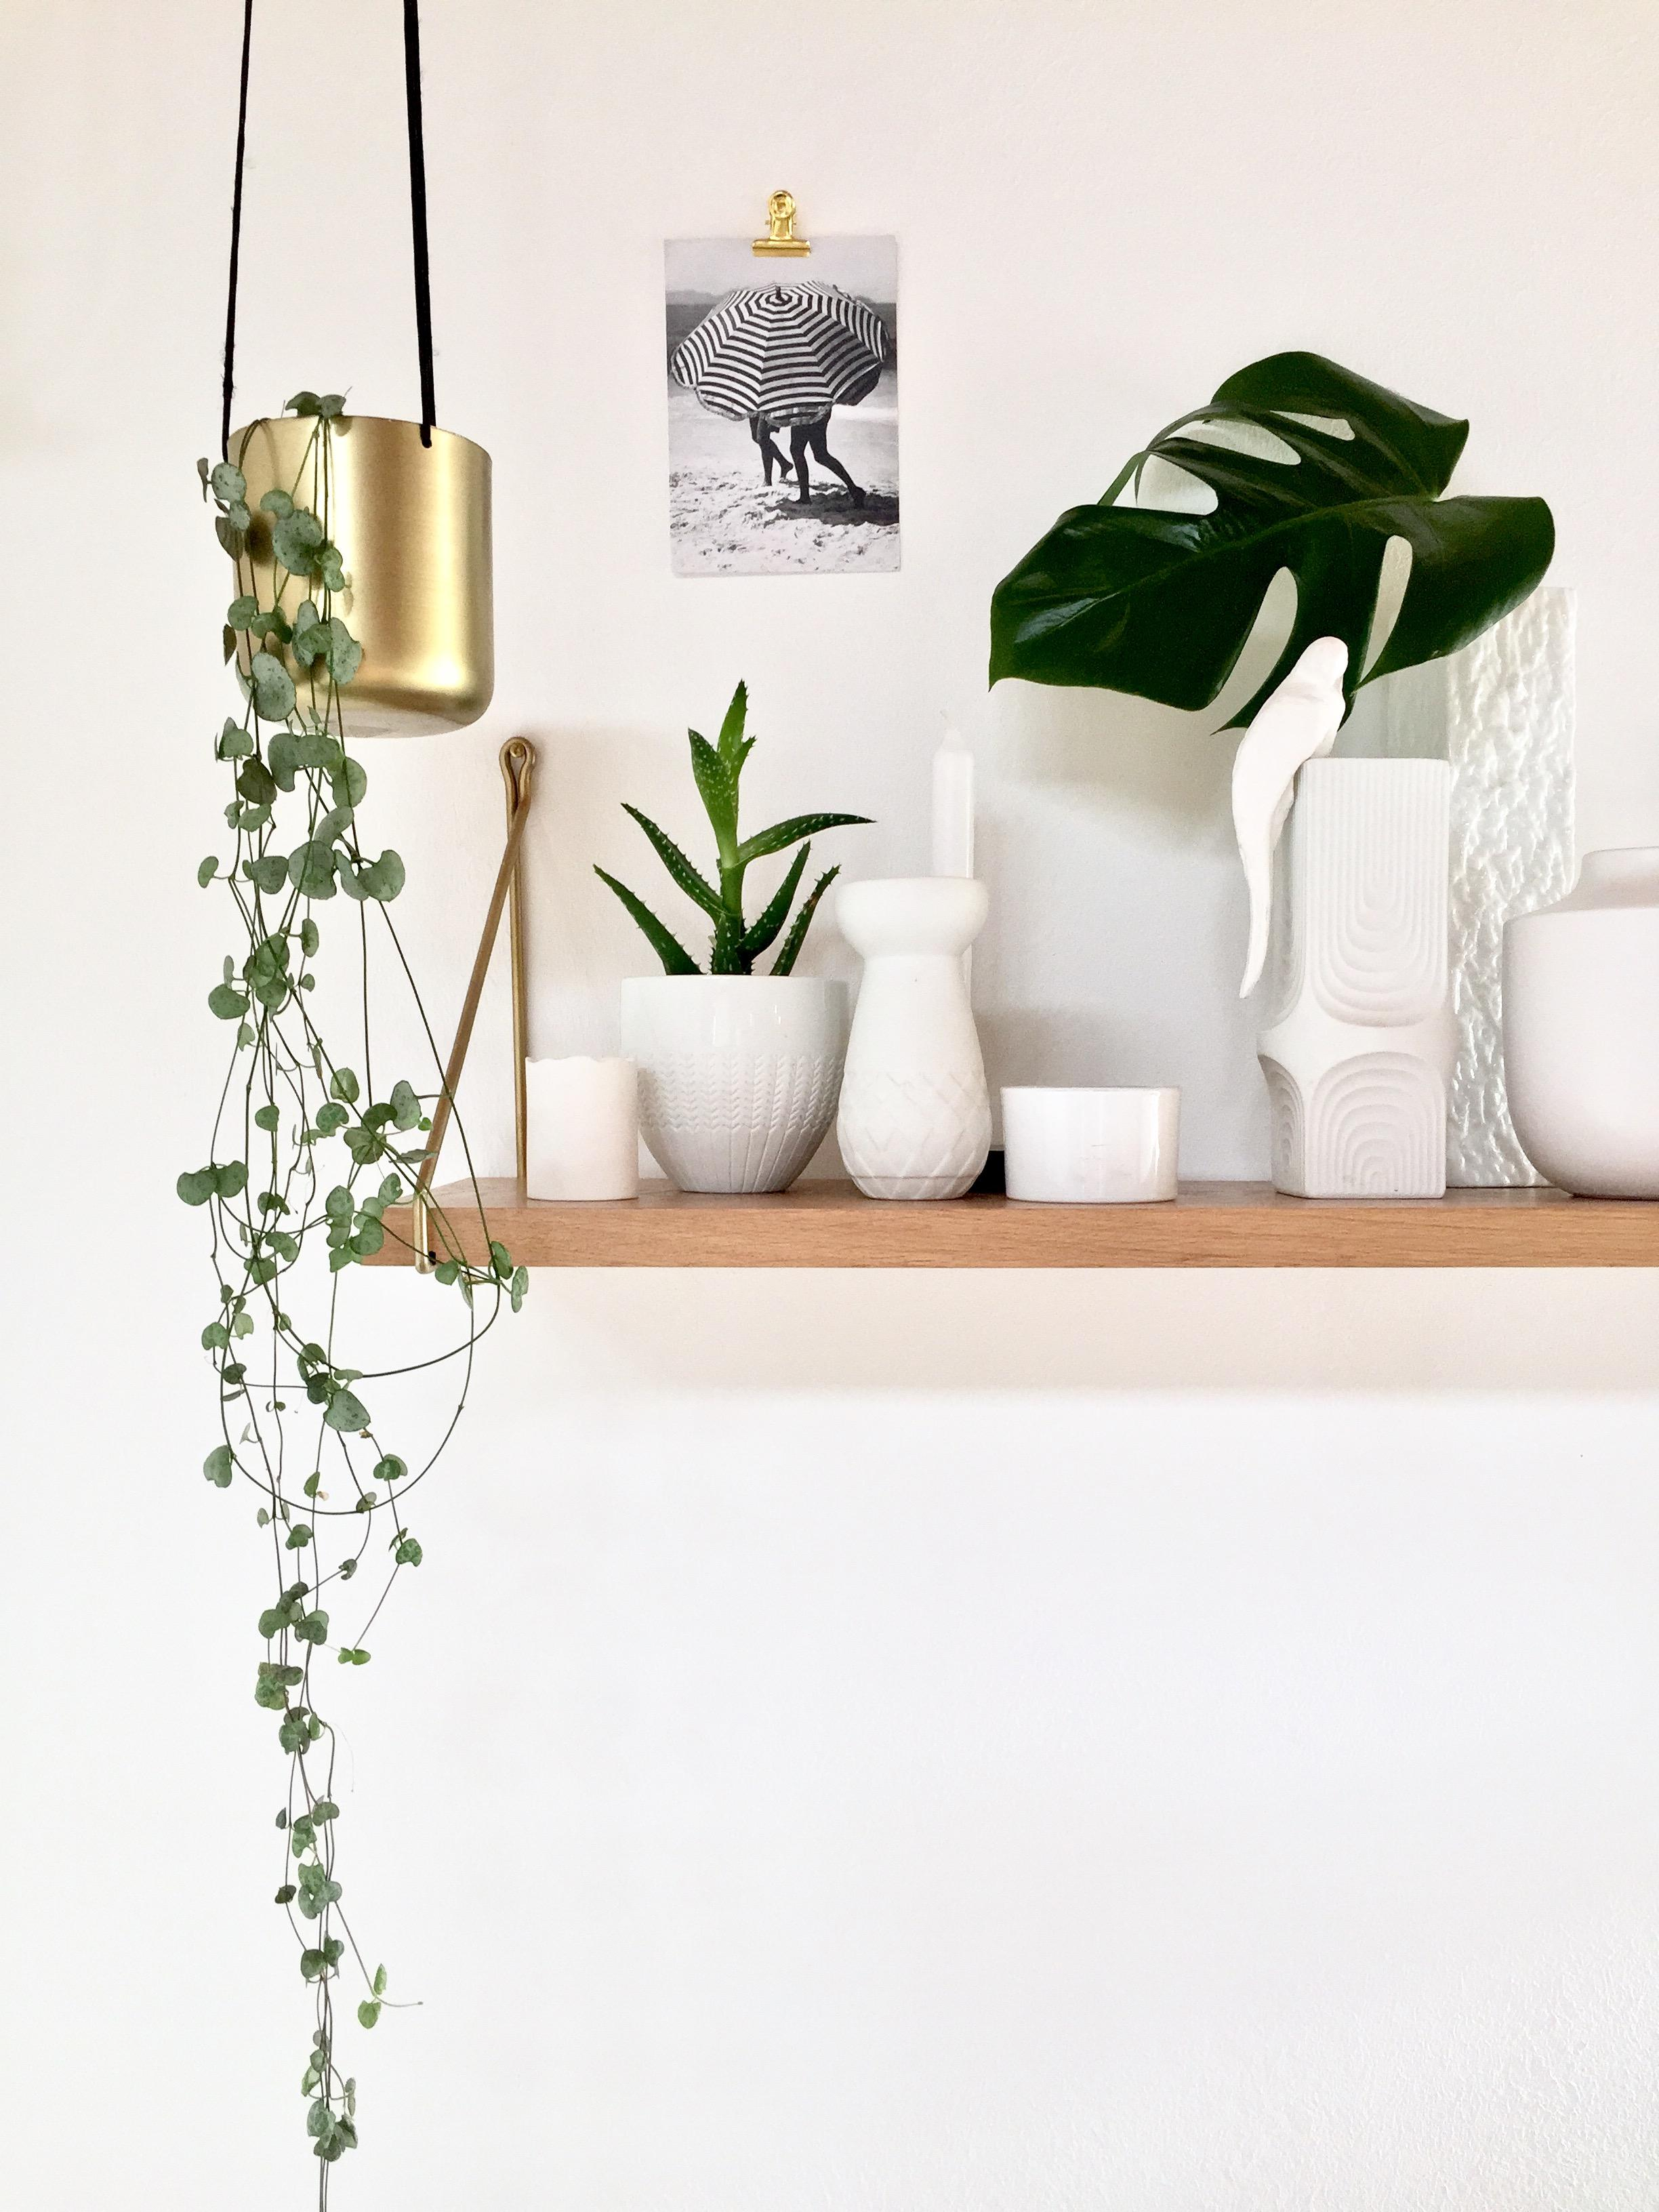 Regale Dekorativ Gestalten Inspiration Bei Couch